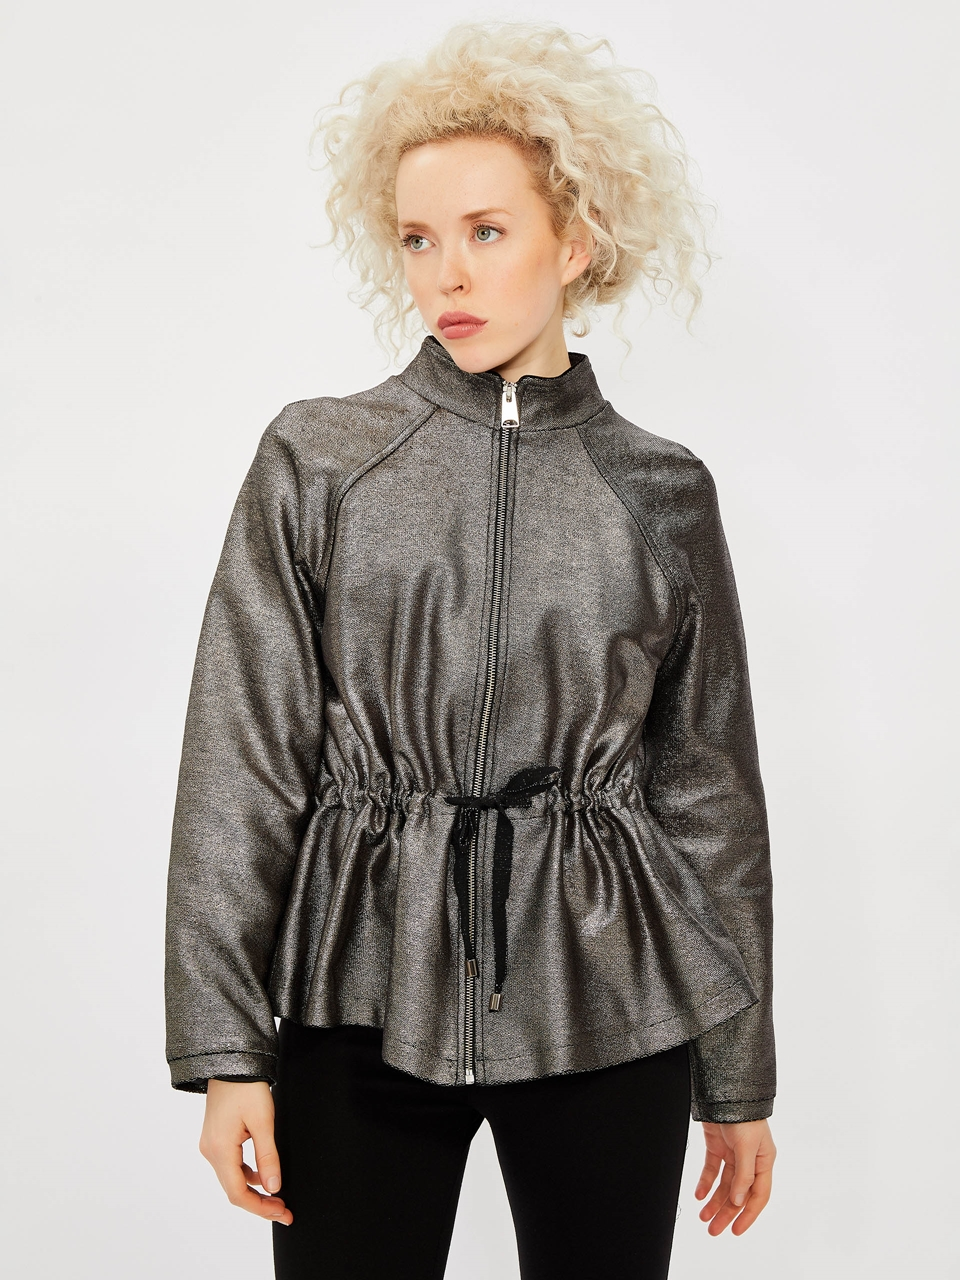 Metallic Jacket With Waist